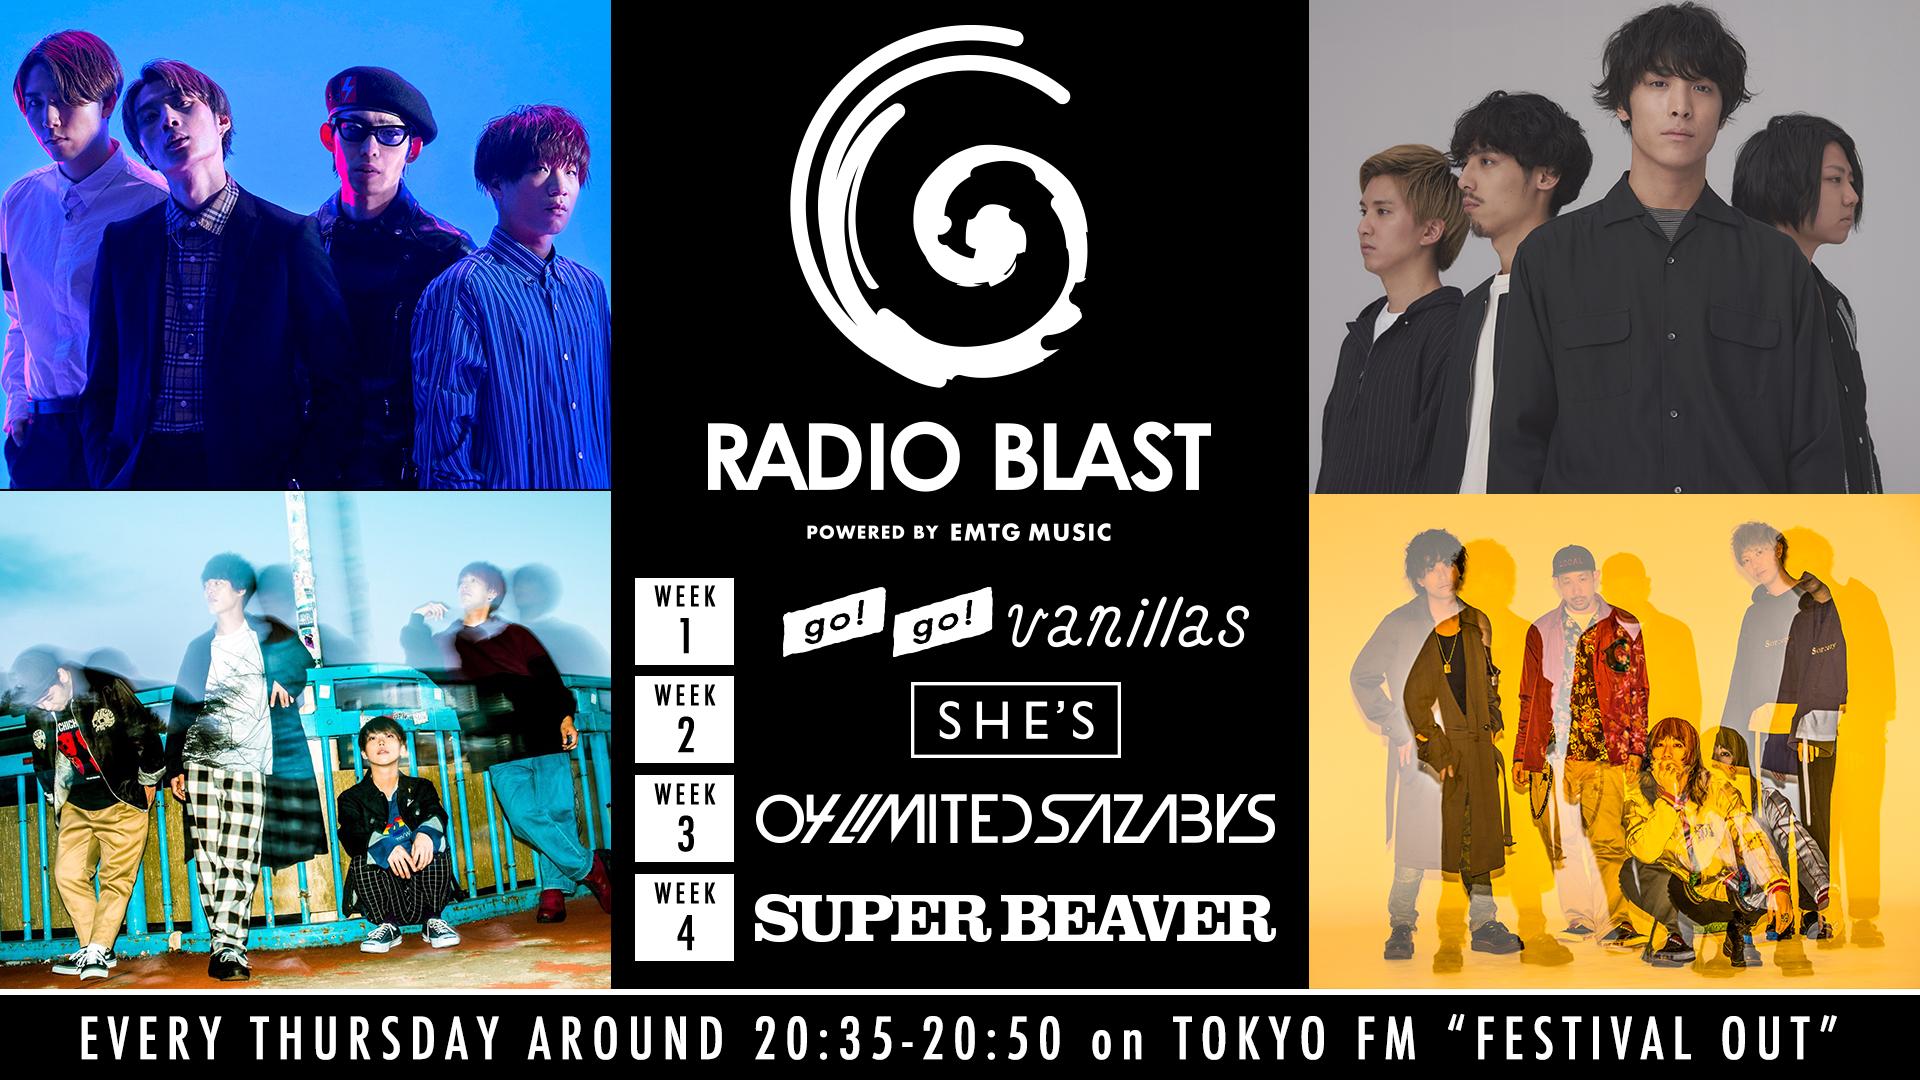 TOKYO FM『FESTIVAL OUT』の新コーナー「RADIO BLAST」にてマンスリーレギュラーが決定!